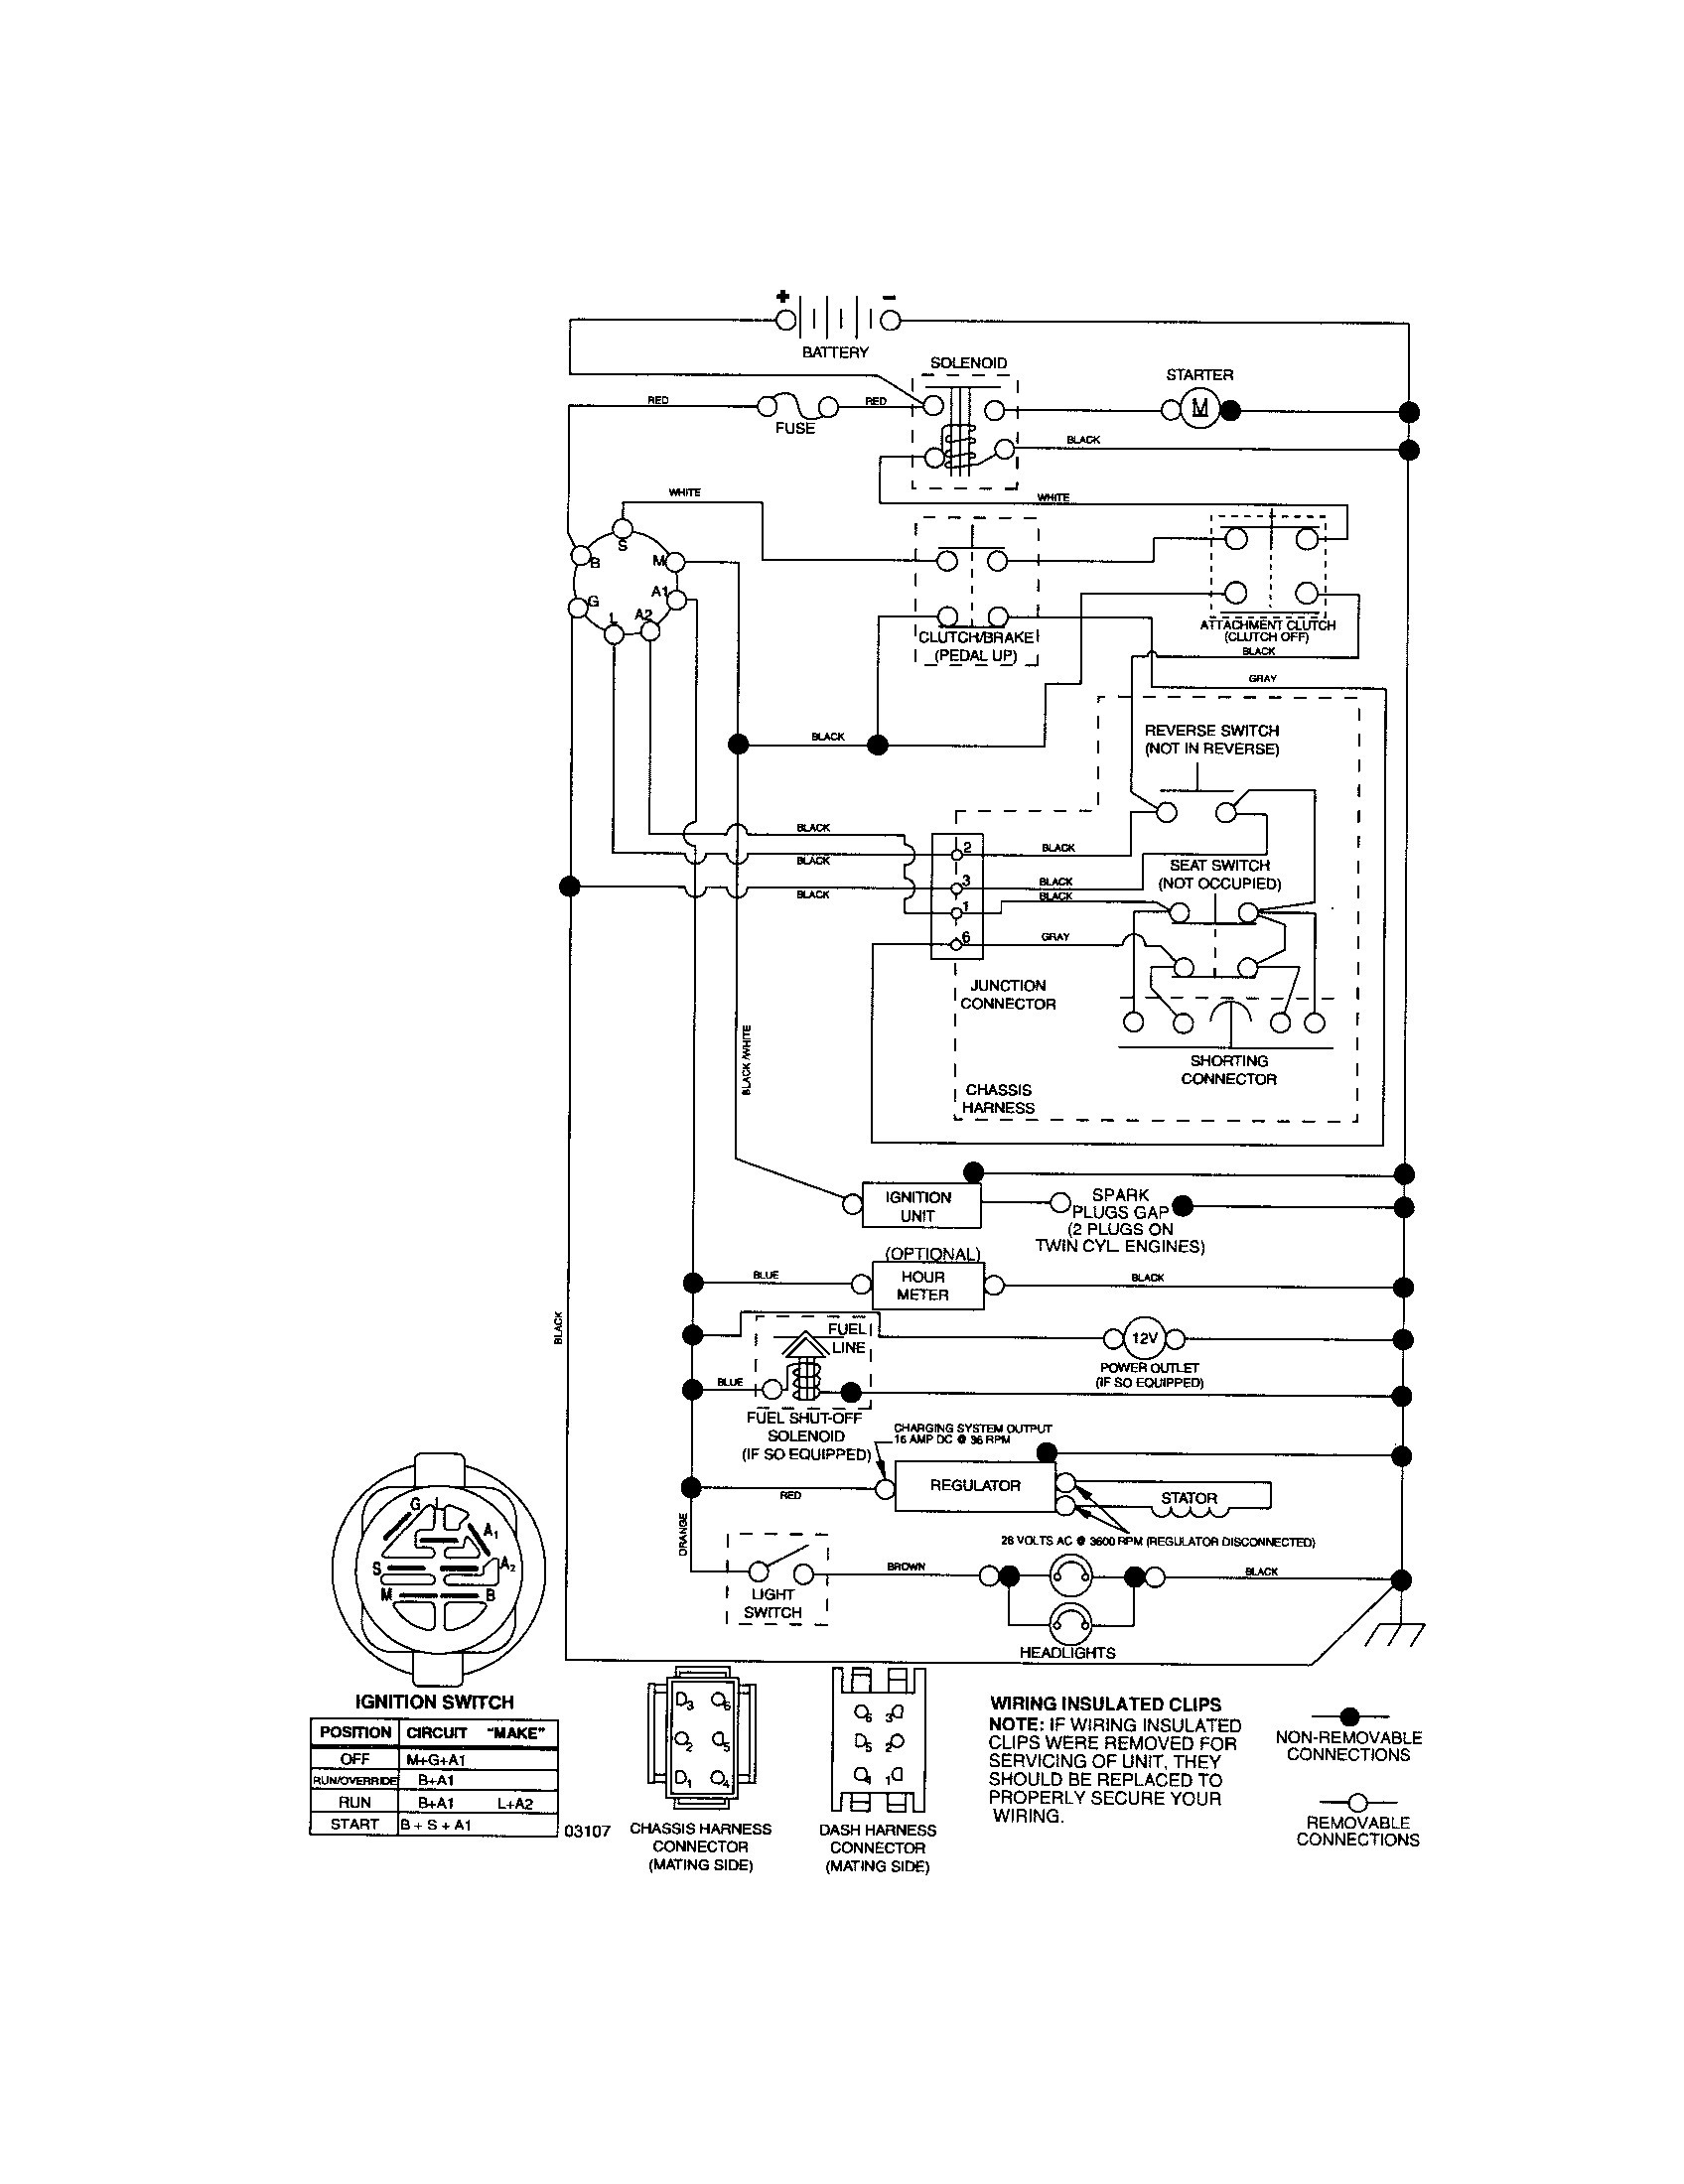 steiger tractor wiring diagram wiring diagram rh 7 tempoturn de